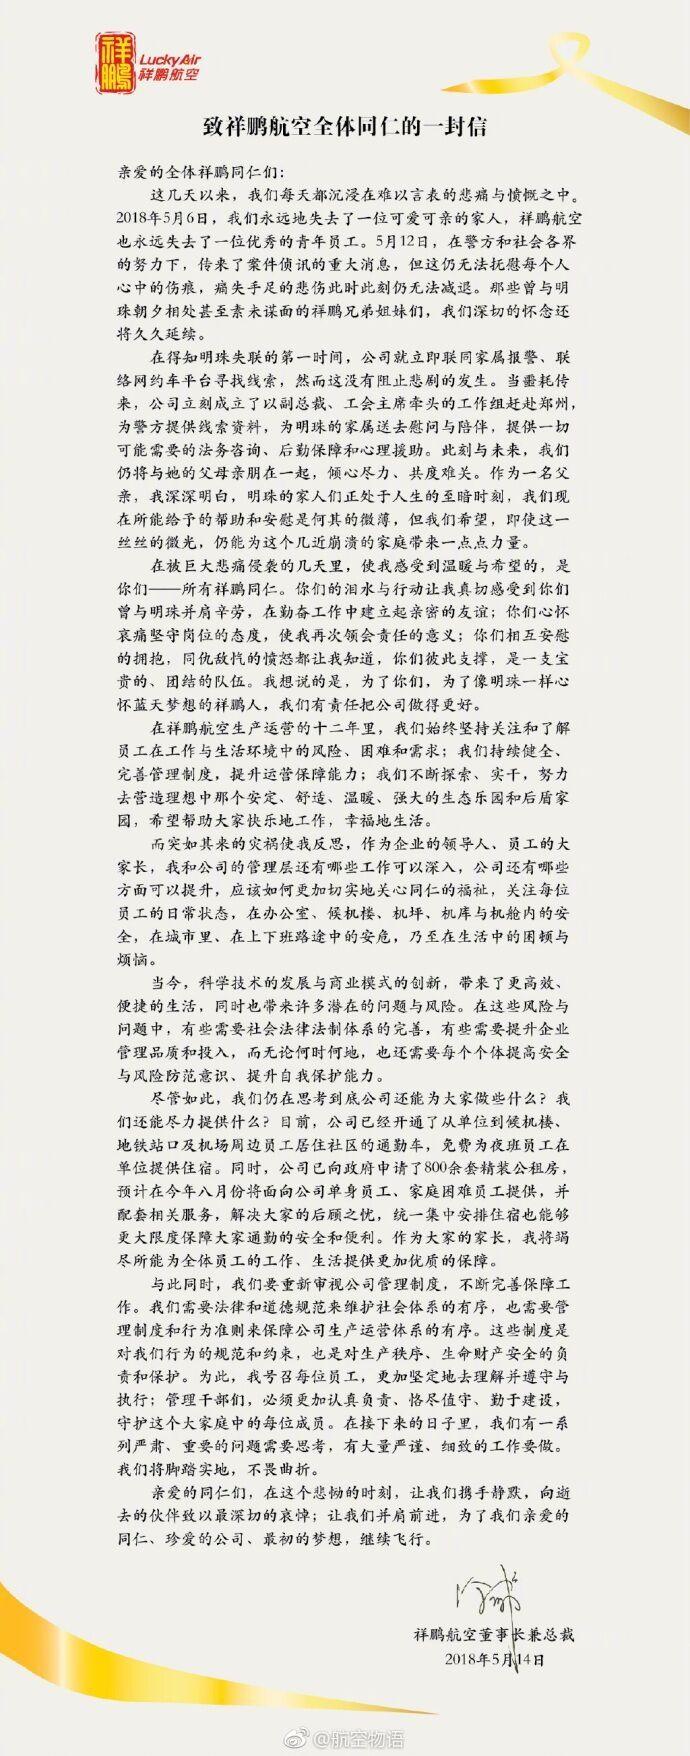 祥鹏航空董事长兼总裁致全体员工的一封信